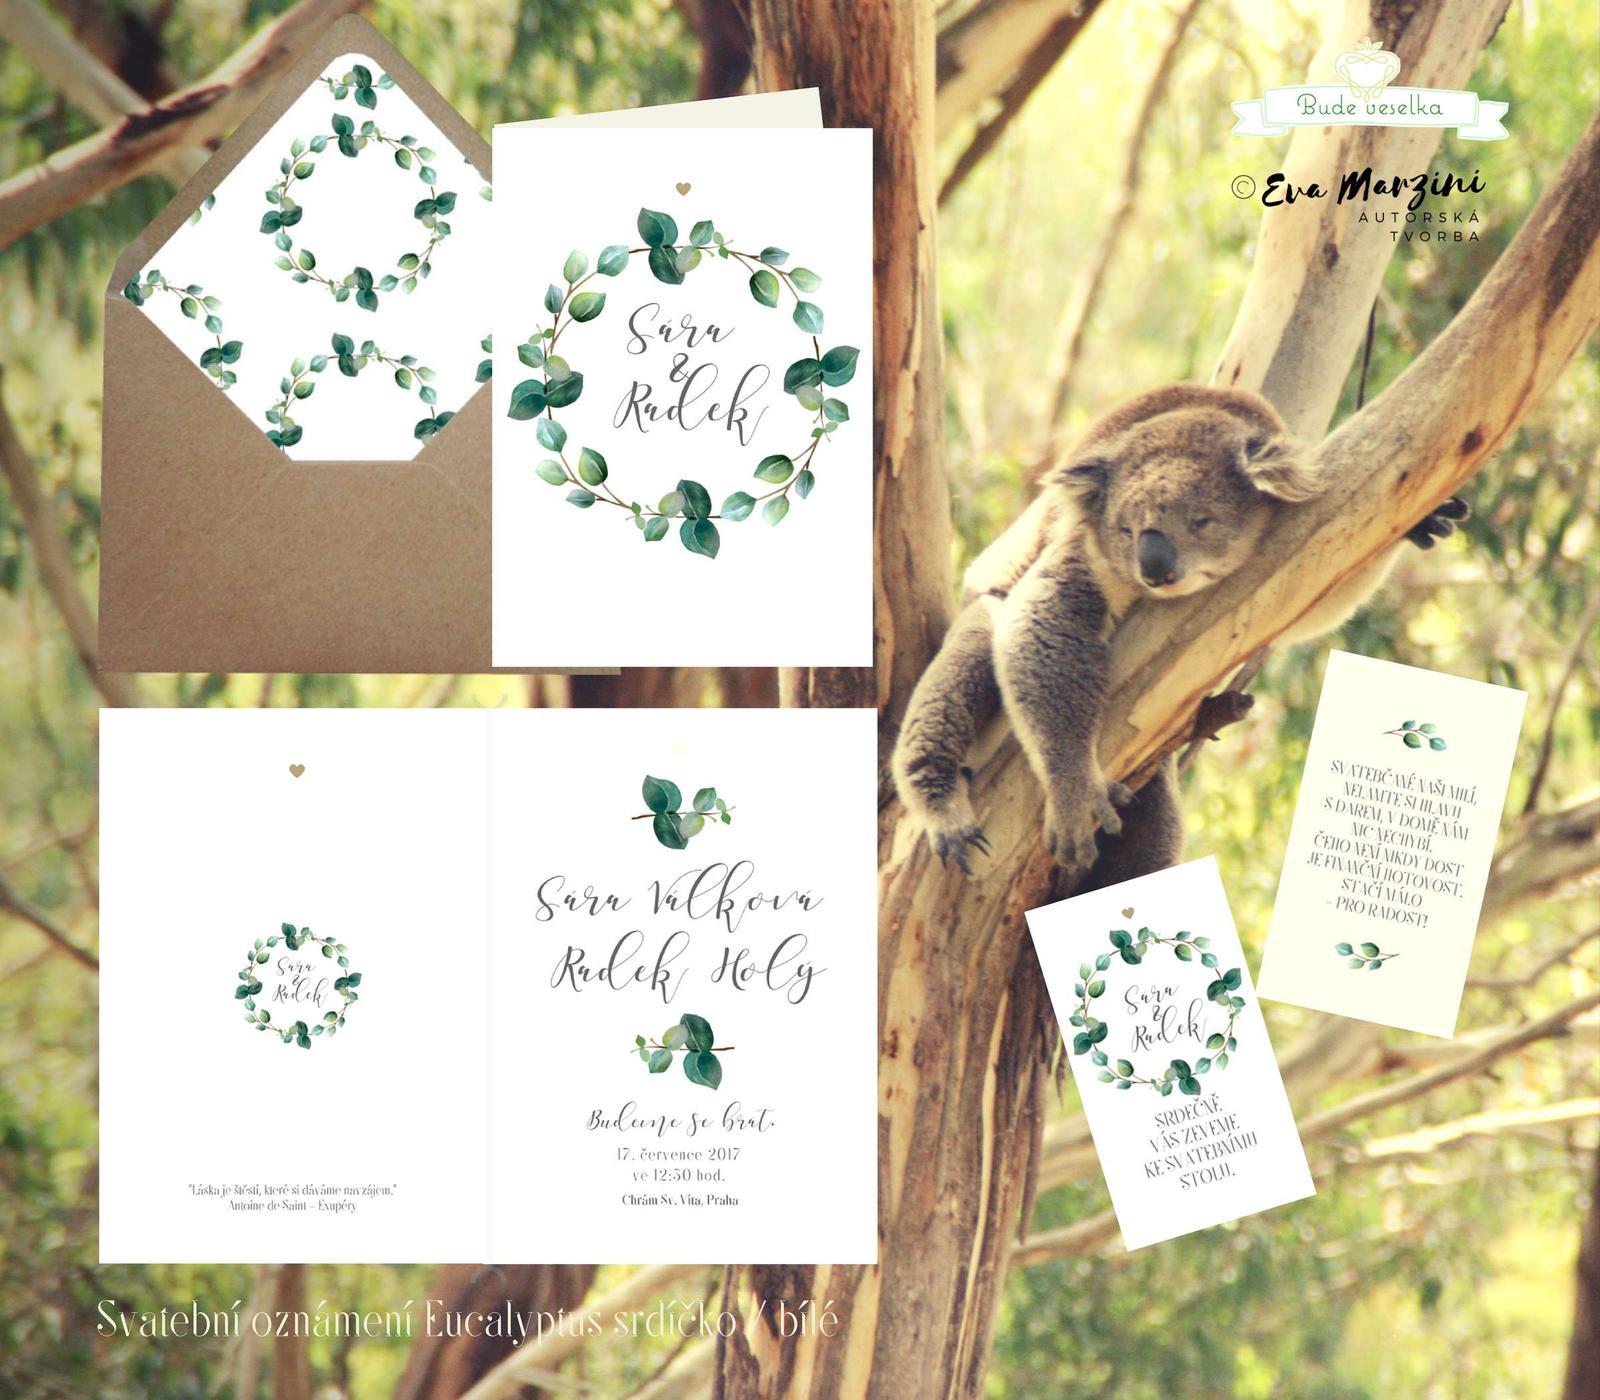 Oznámení Eucalyptus, bílé vintage, Budeveselka.cz - Obrázek č. 1